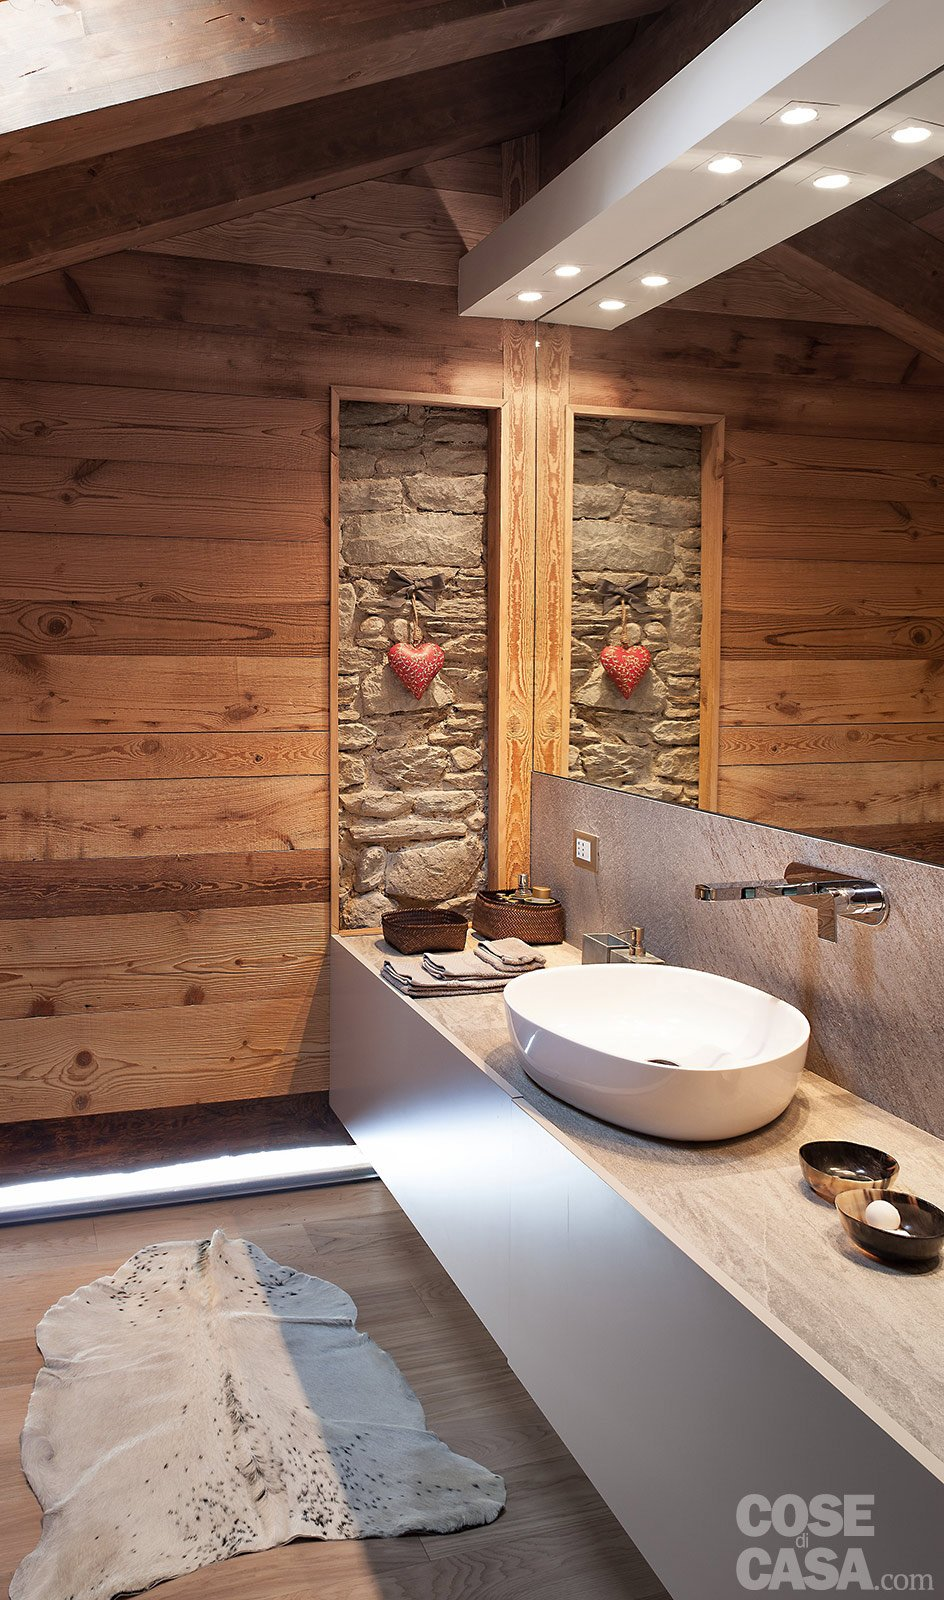 Chalet moderno una casa di montagna in stile rustico contemporaneo cose di casa - Rivestimento bagno rustico ...